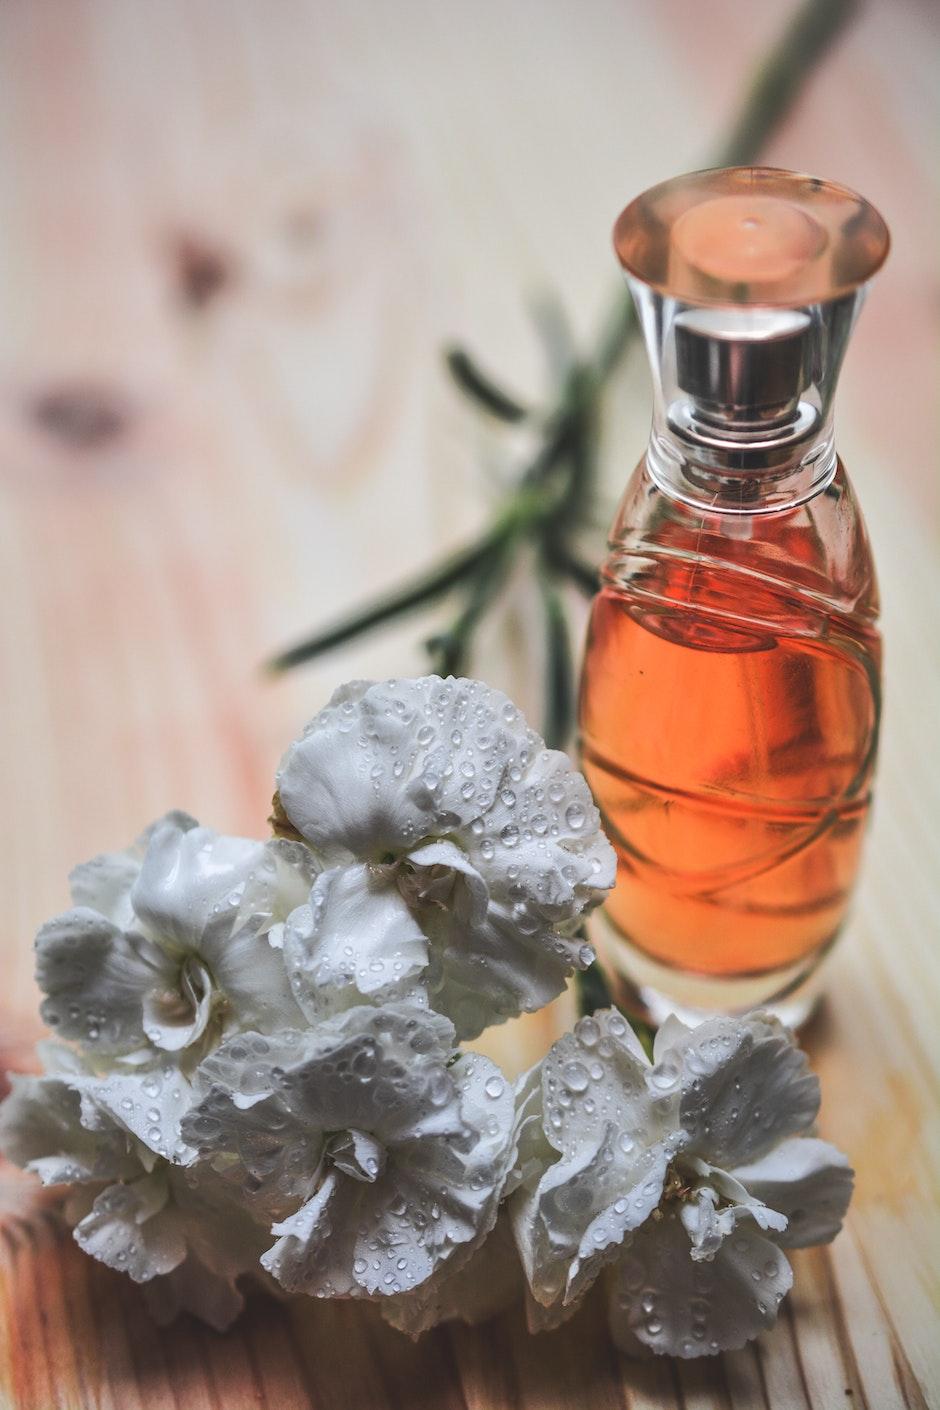 aroma, aromatherapy, aromatic